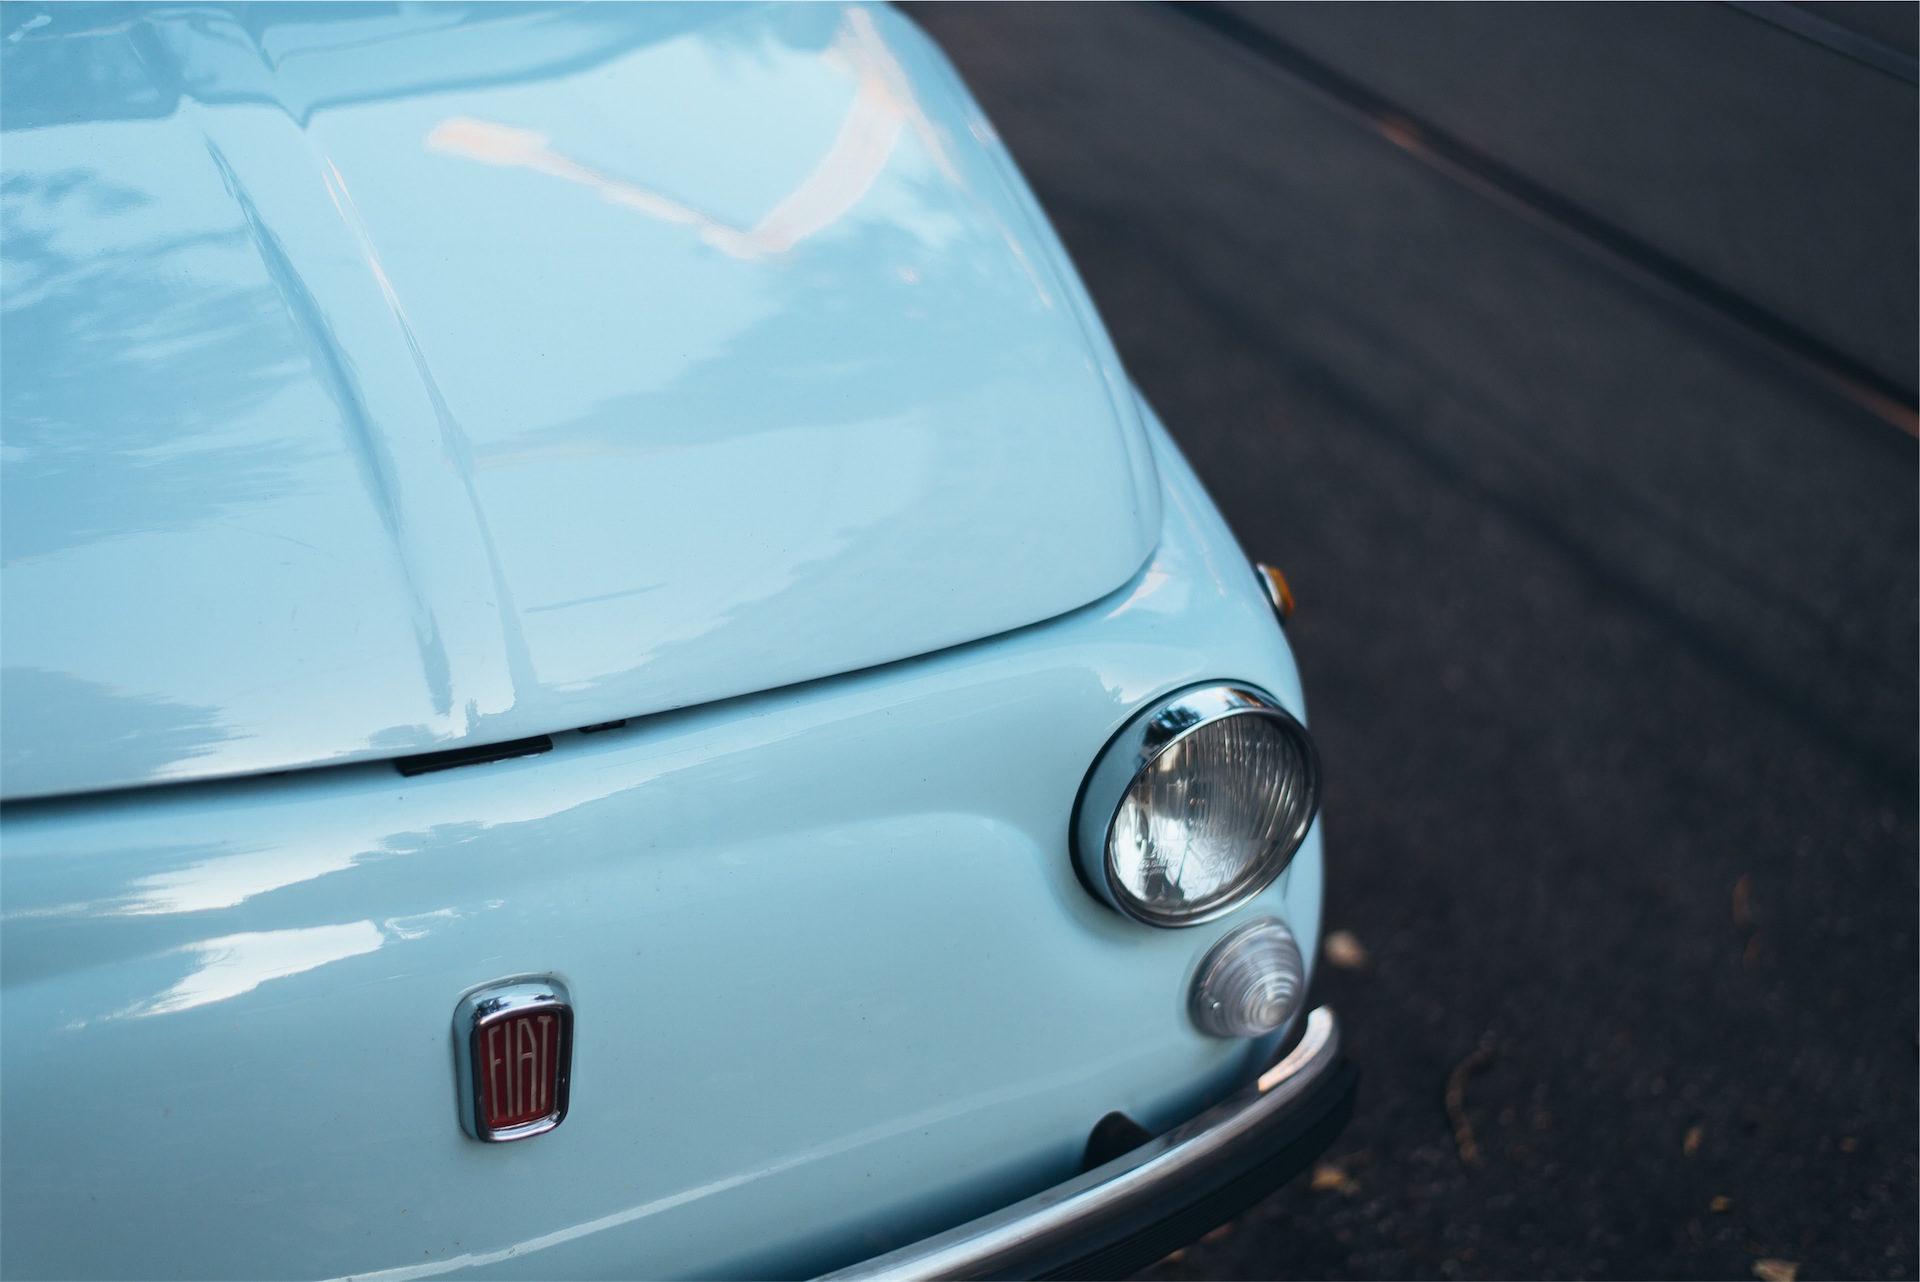 αυτοκίνητο, CAPO, εξακόσια, παλιάς χρονολογίας, νοσταλγία - Wallpapers HD - Professor-falken.com